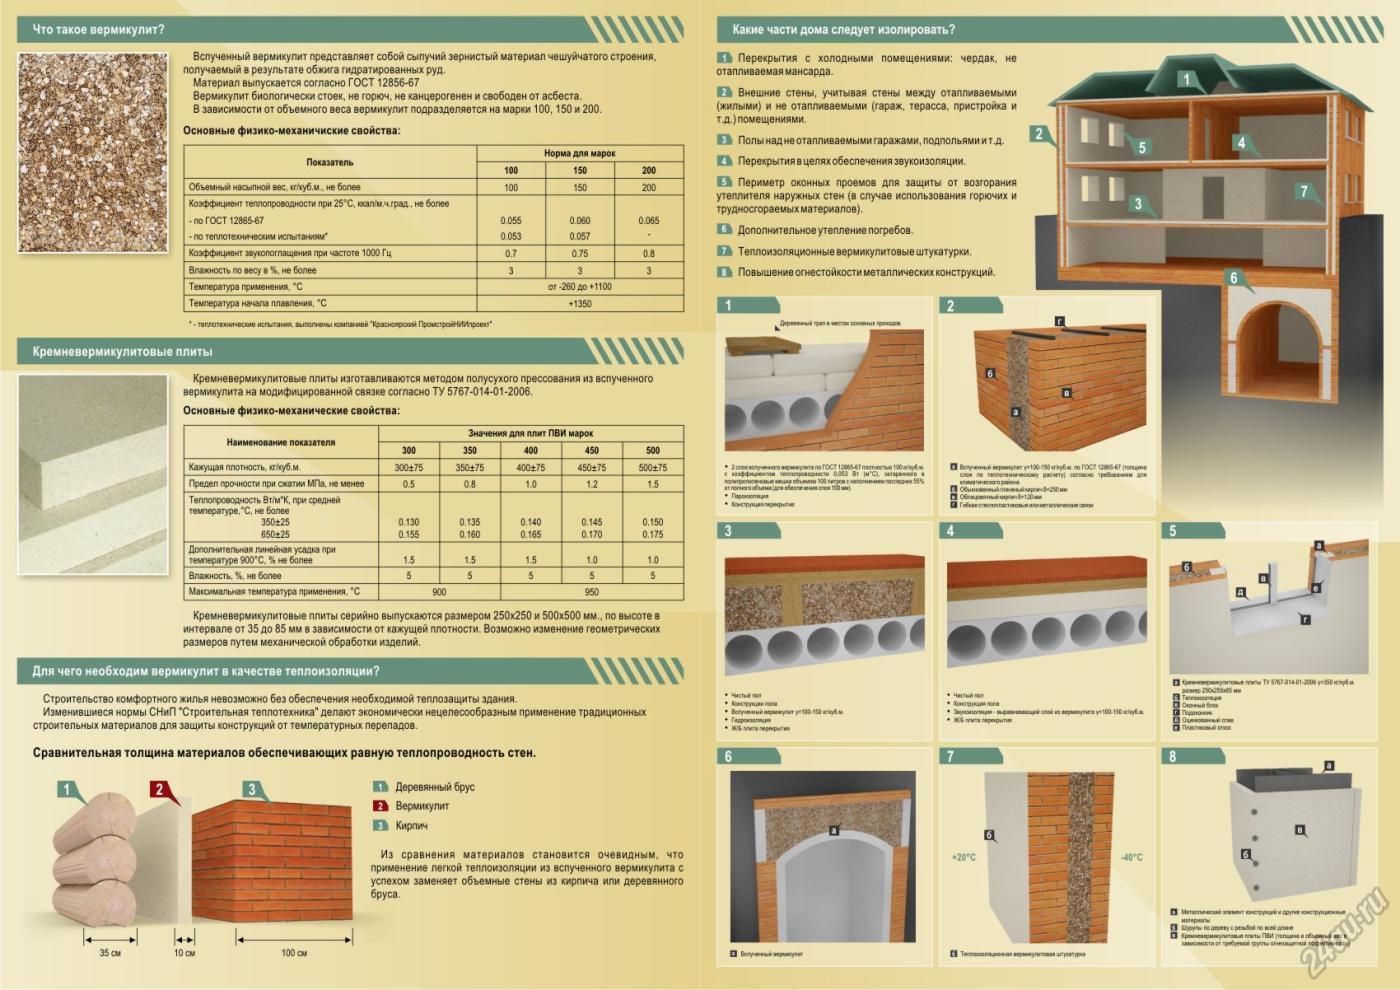 Утеплитель вермикулит для утепления стен дома: достоинства, недостатки